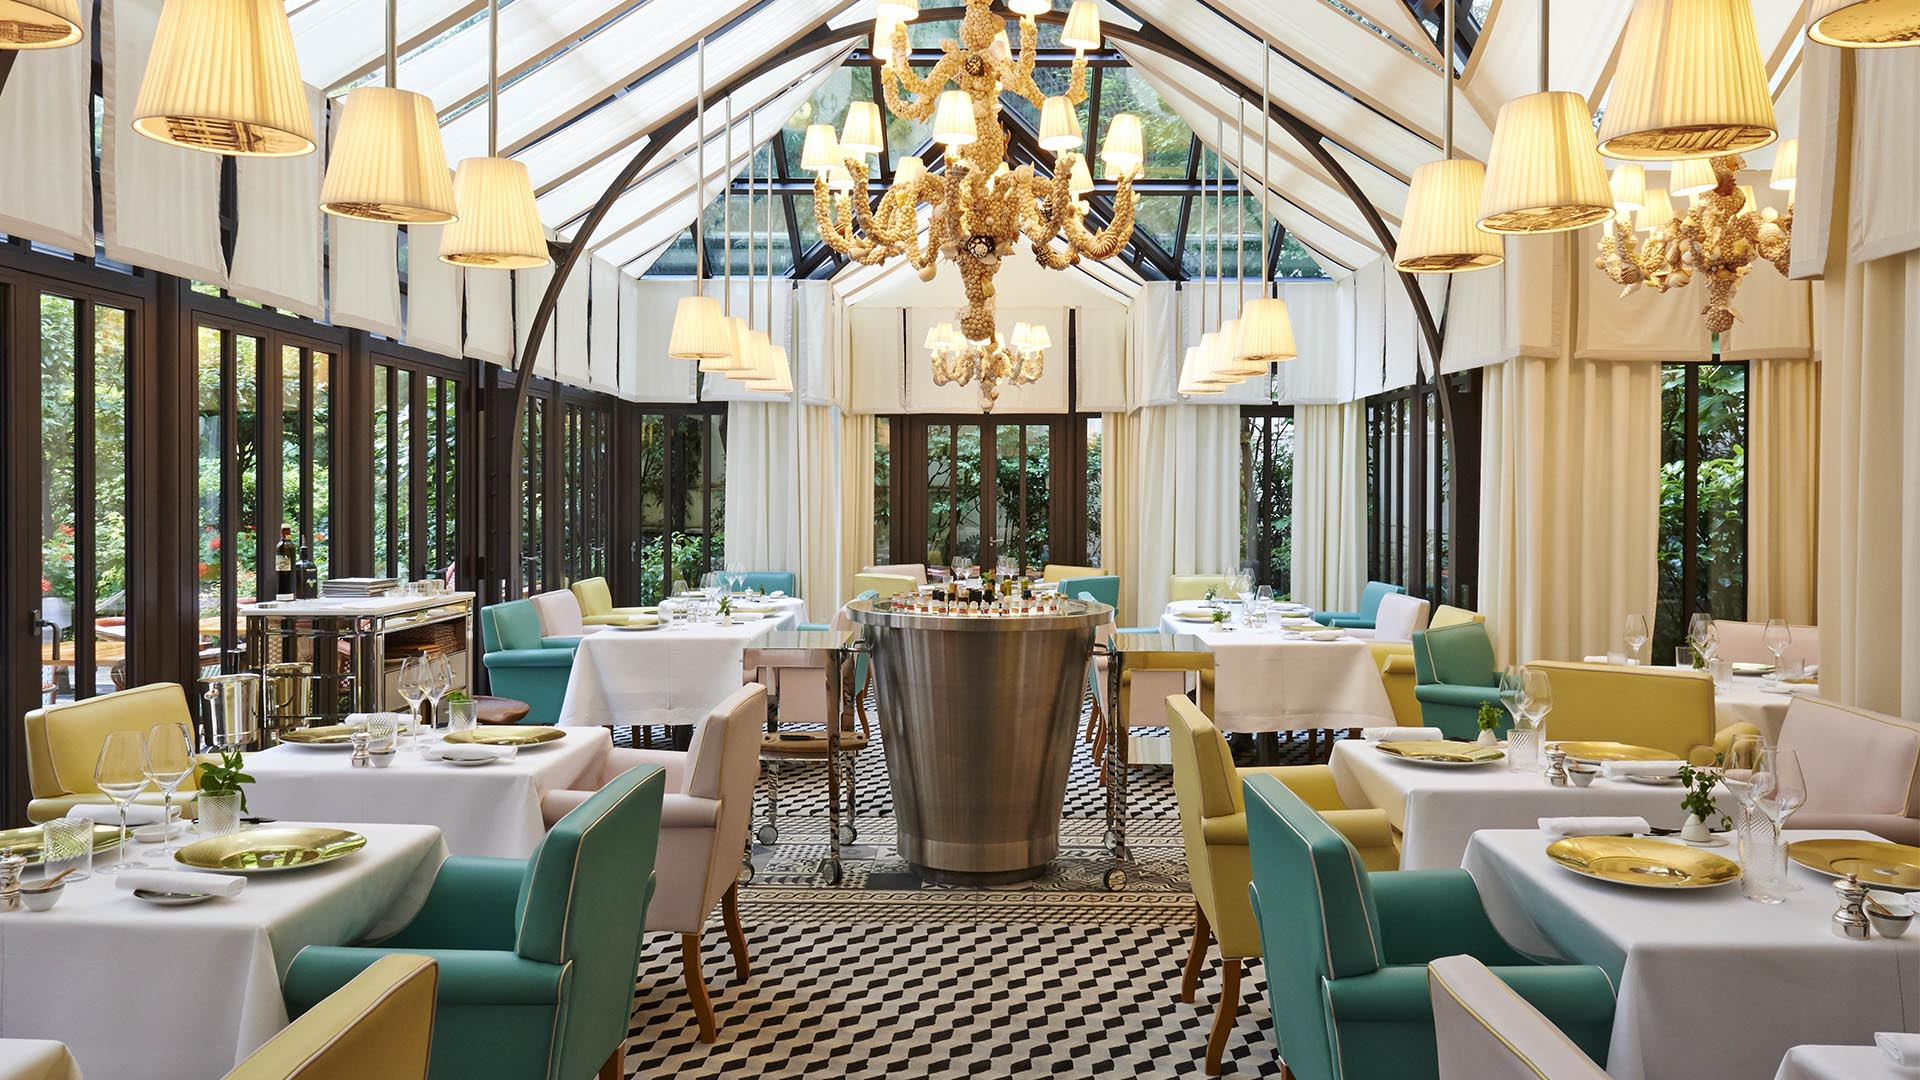 Il carpaccio restaurant italien toil le royal monceau for Restaurant la cuisine royal monceau